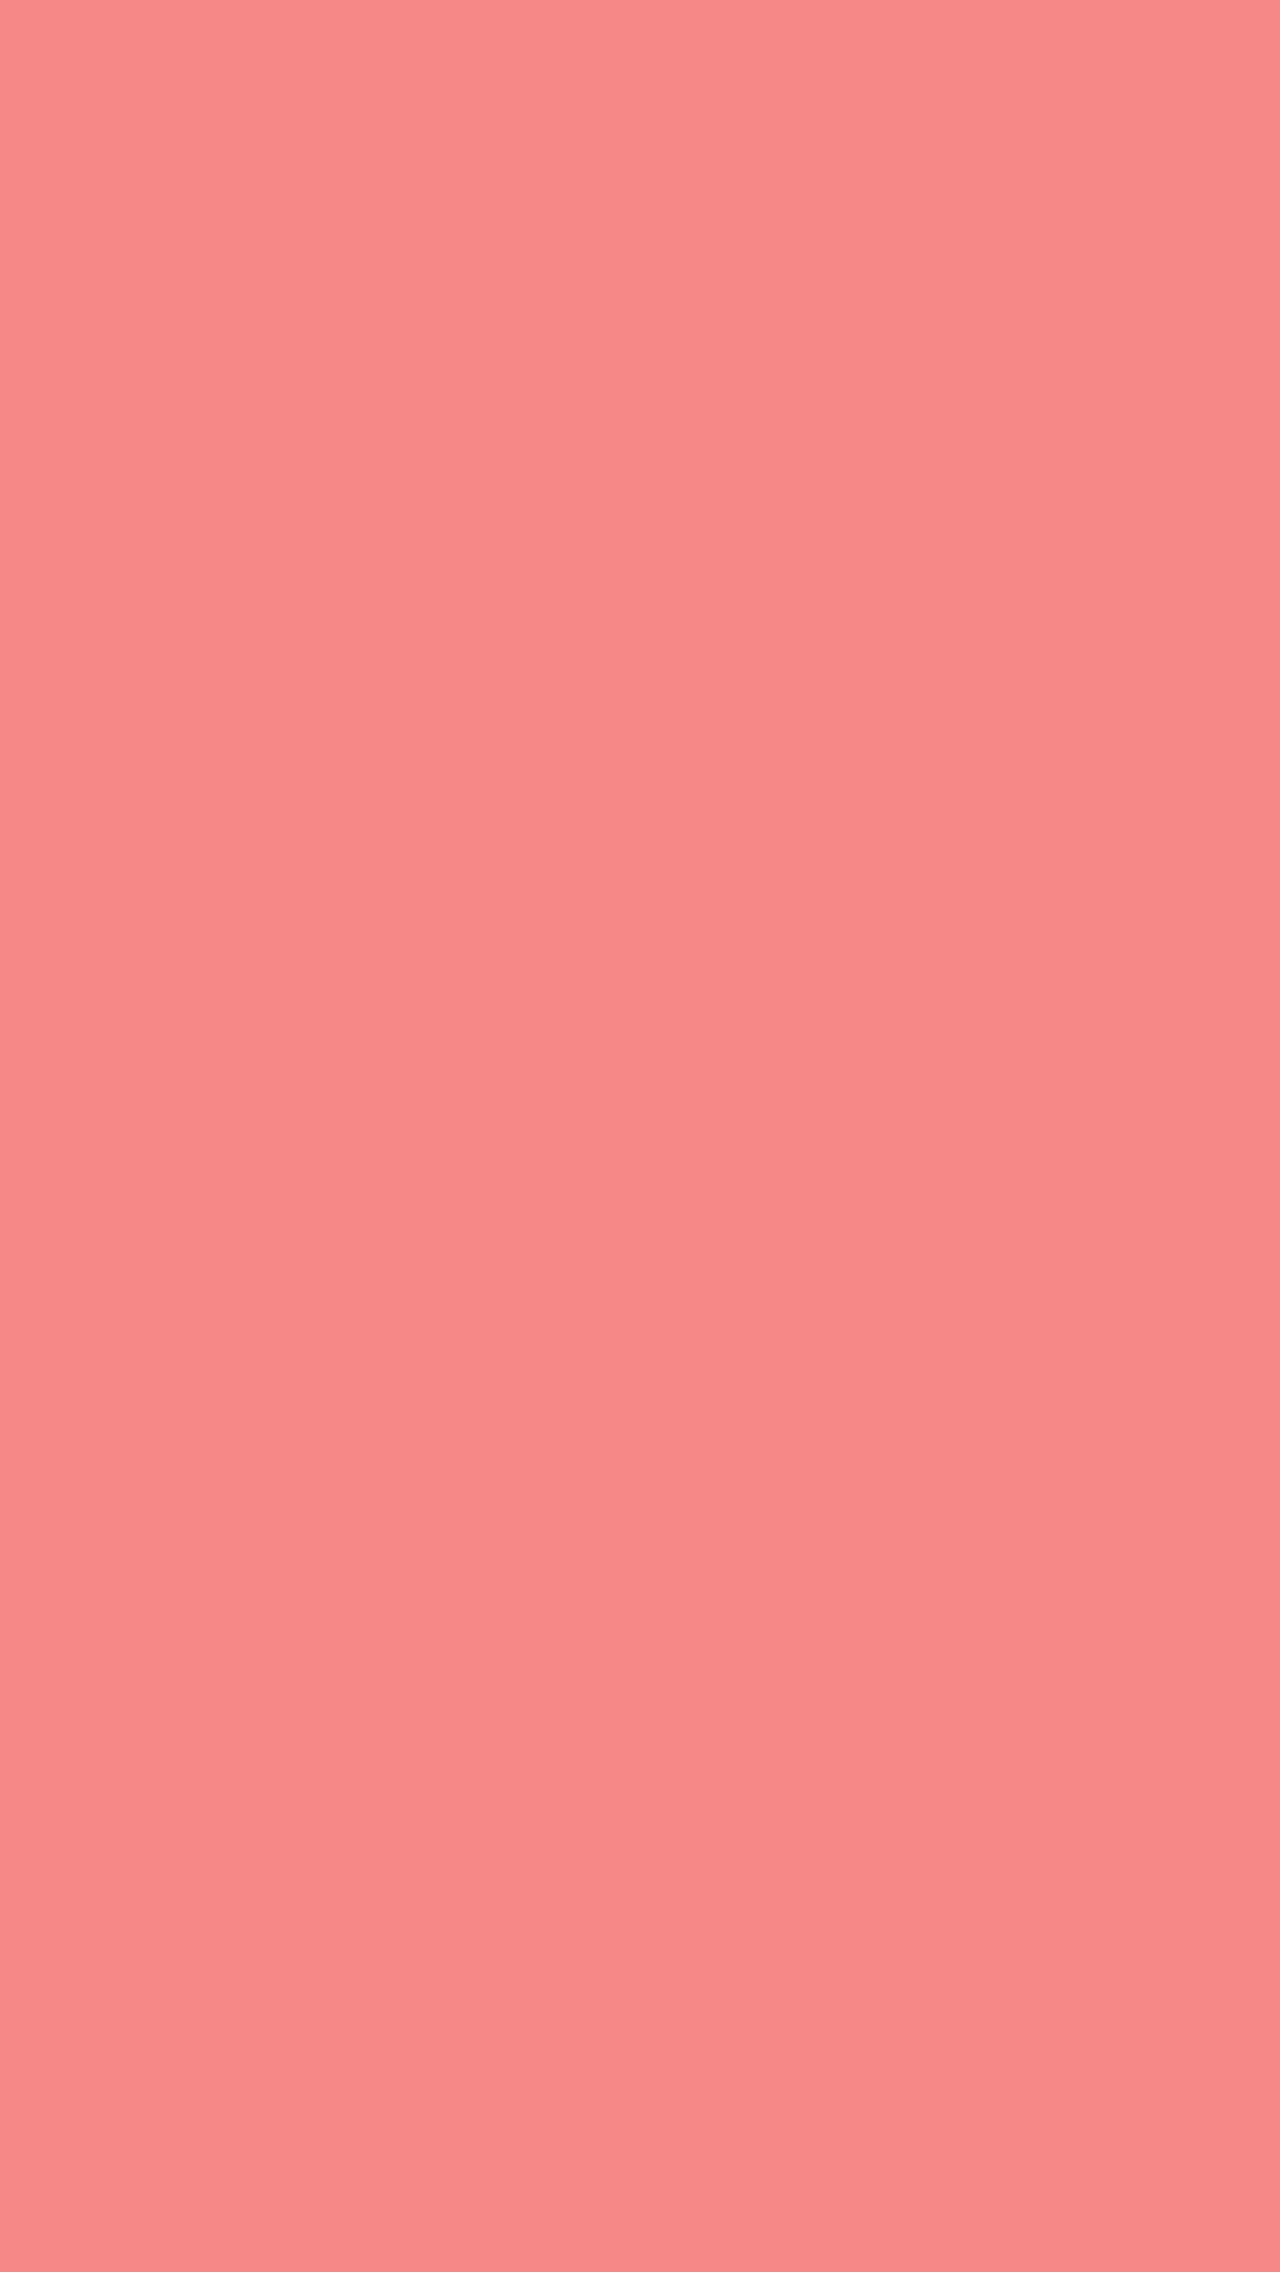 Les Couleurs Unies Fond D Ecran Couleurs Febafcdeebaebbe S Fond D Fond D Ecran Couleur Couleurs De Peinture Jaune Peinture Jaune